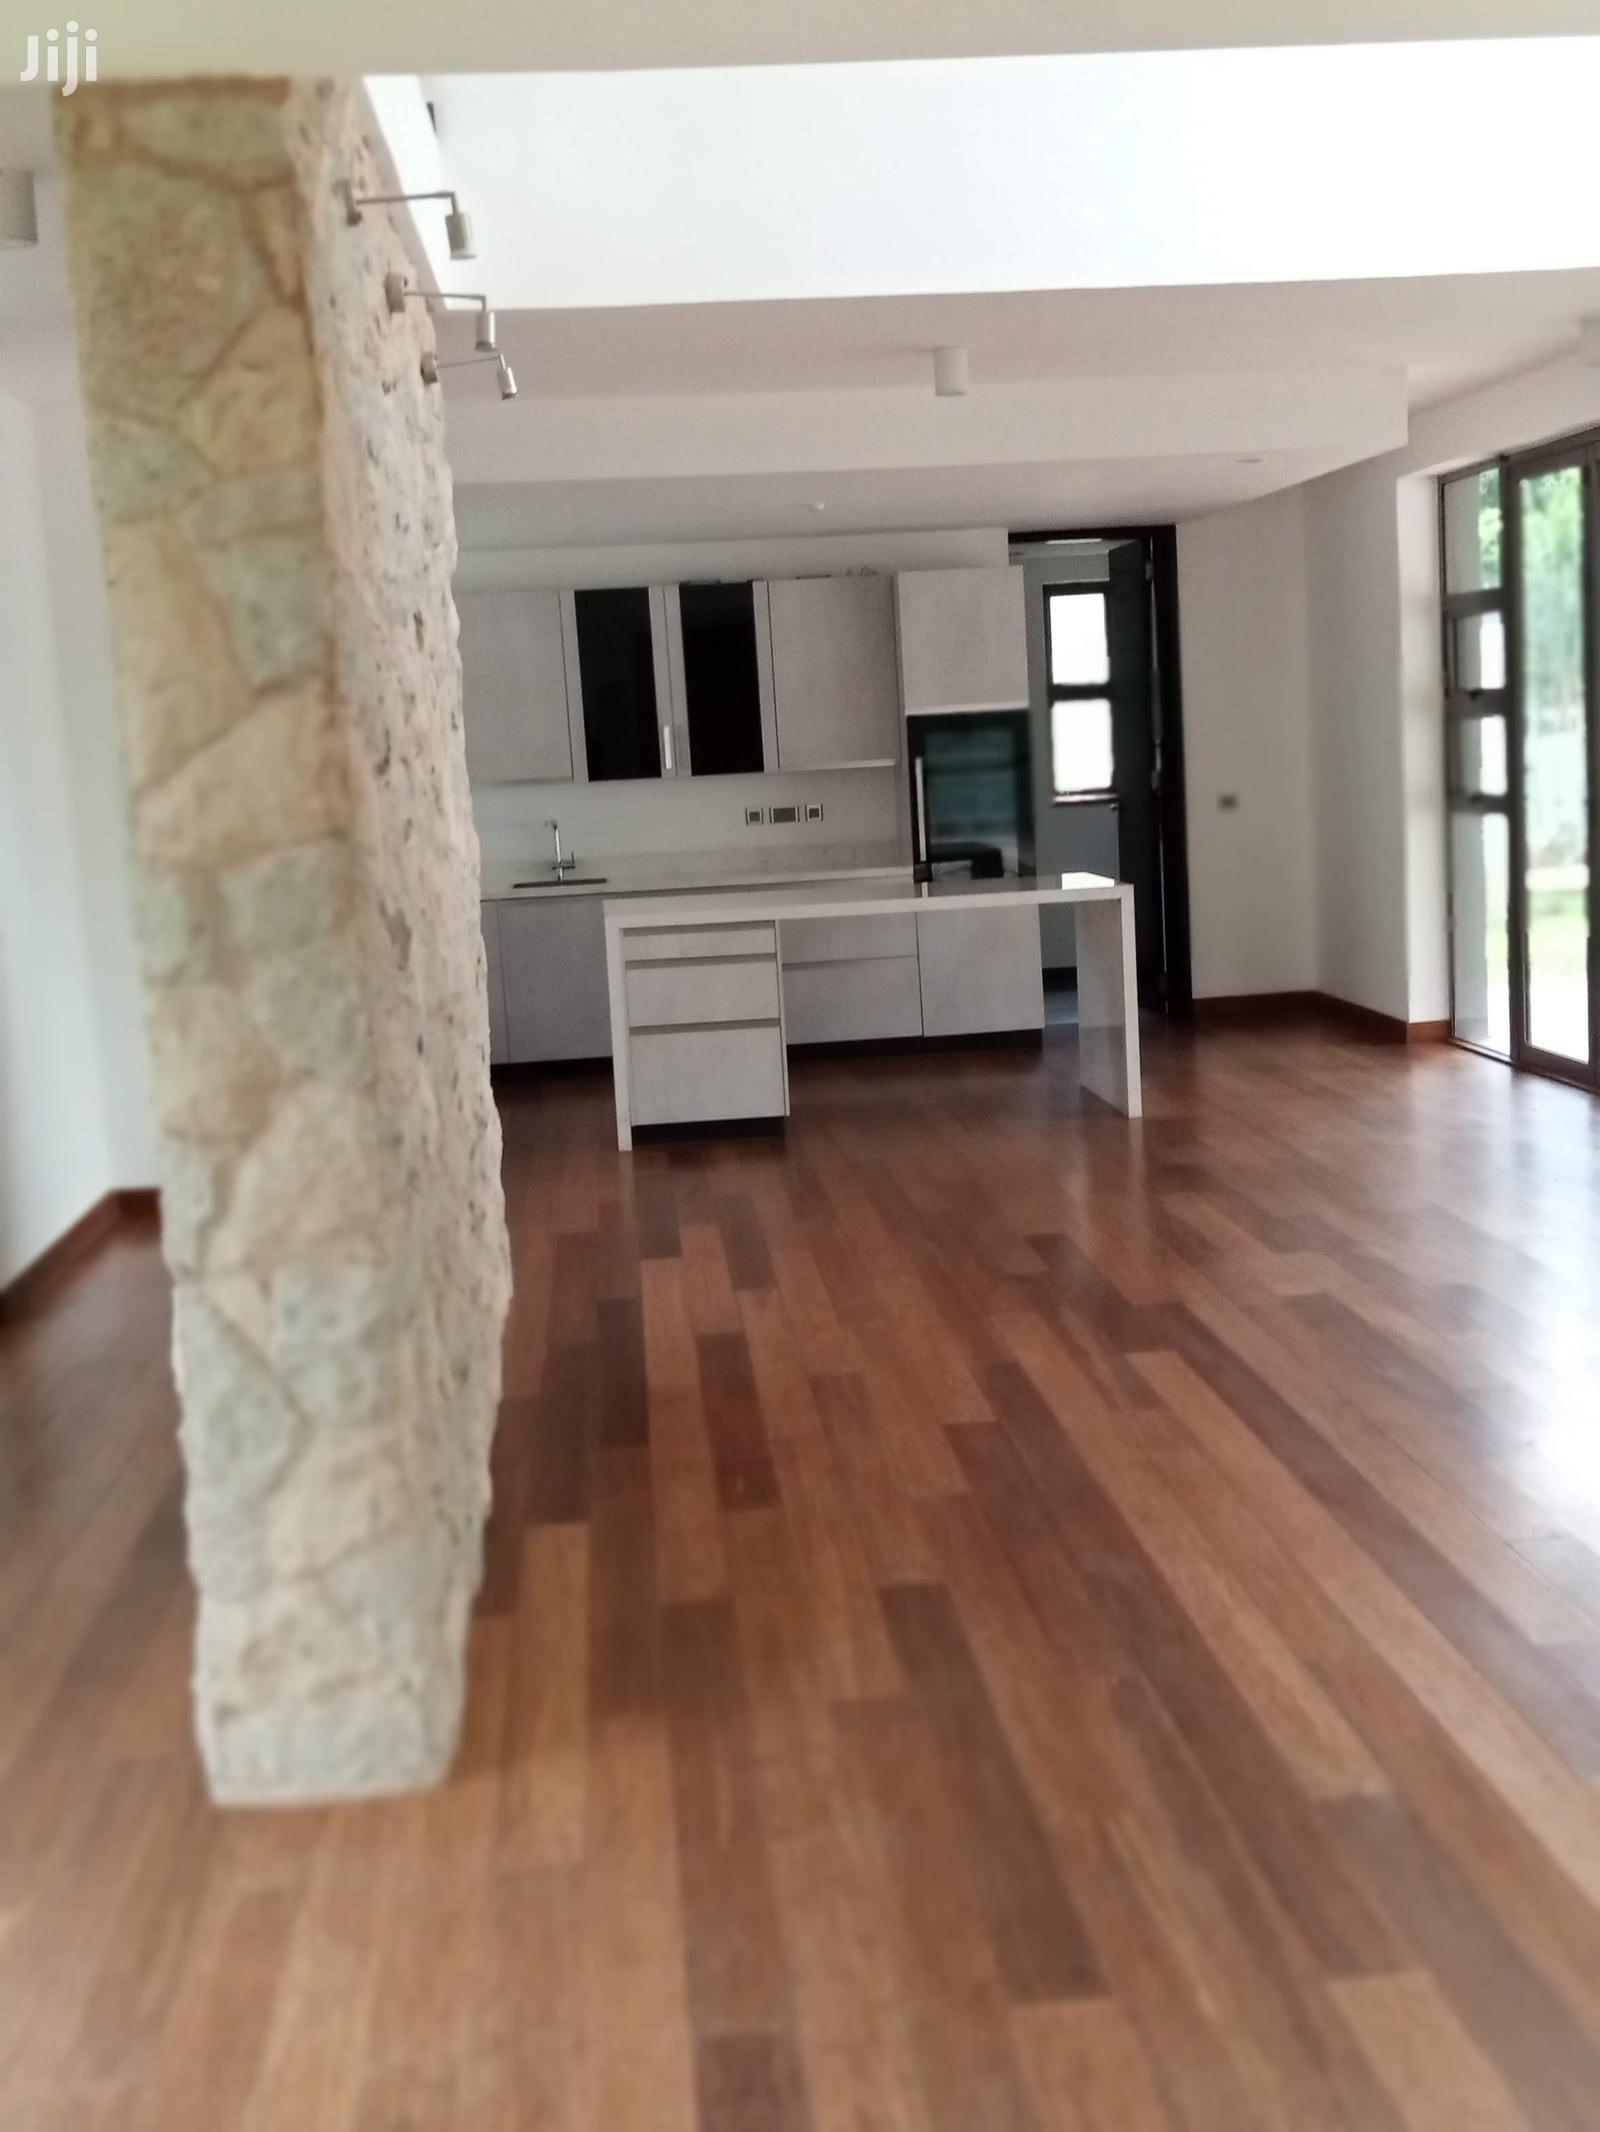 5 Bedroom All-ensuite In Karen Miotoni For Sale | Houses & Apartments For Sale for sale in Karen, Nairobi, Kenya